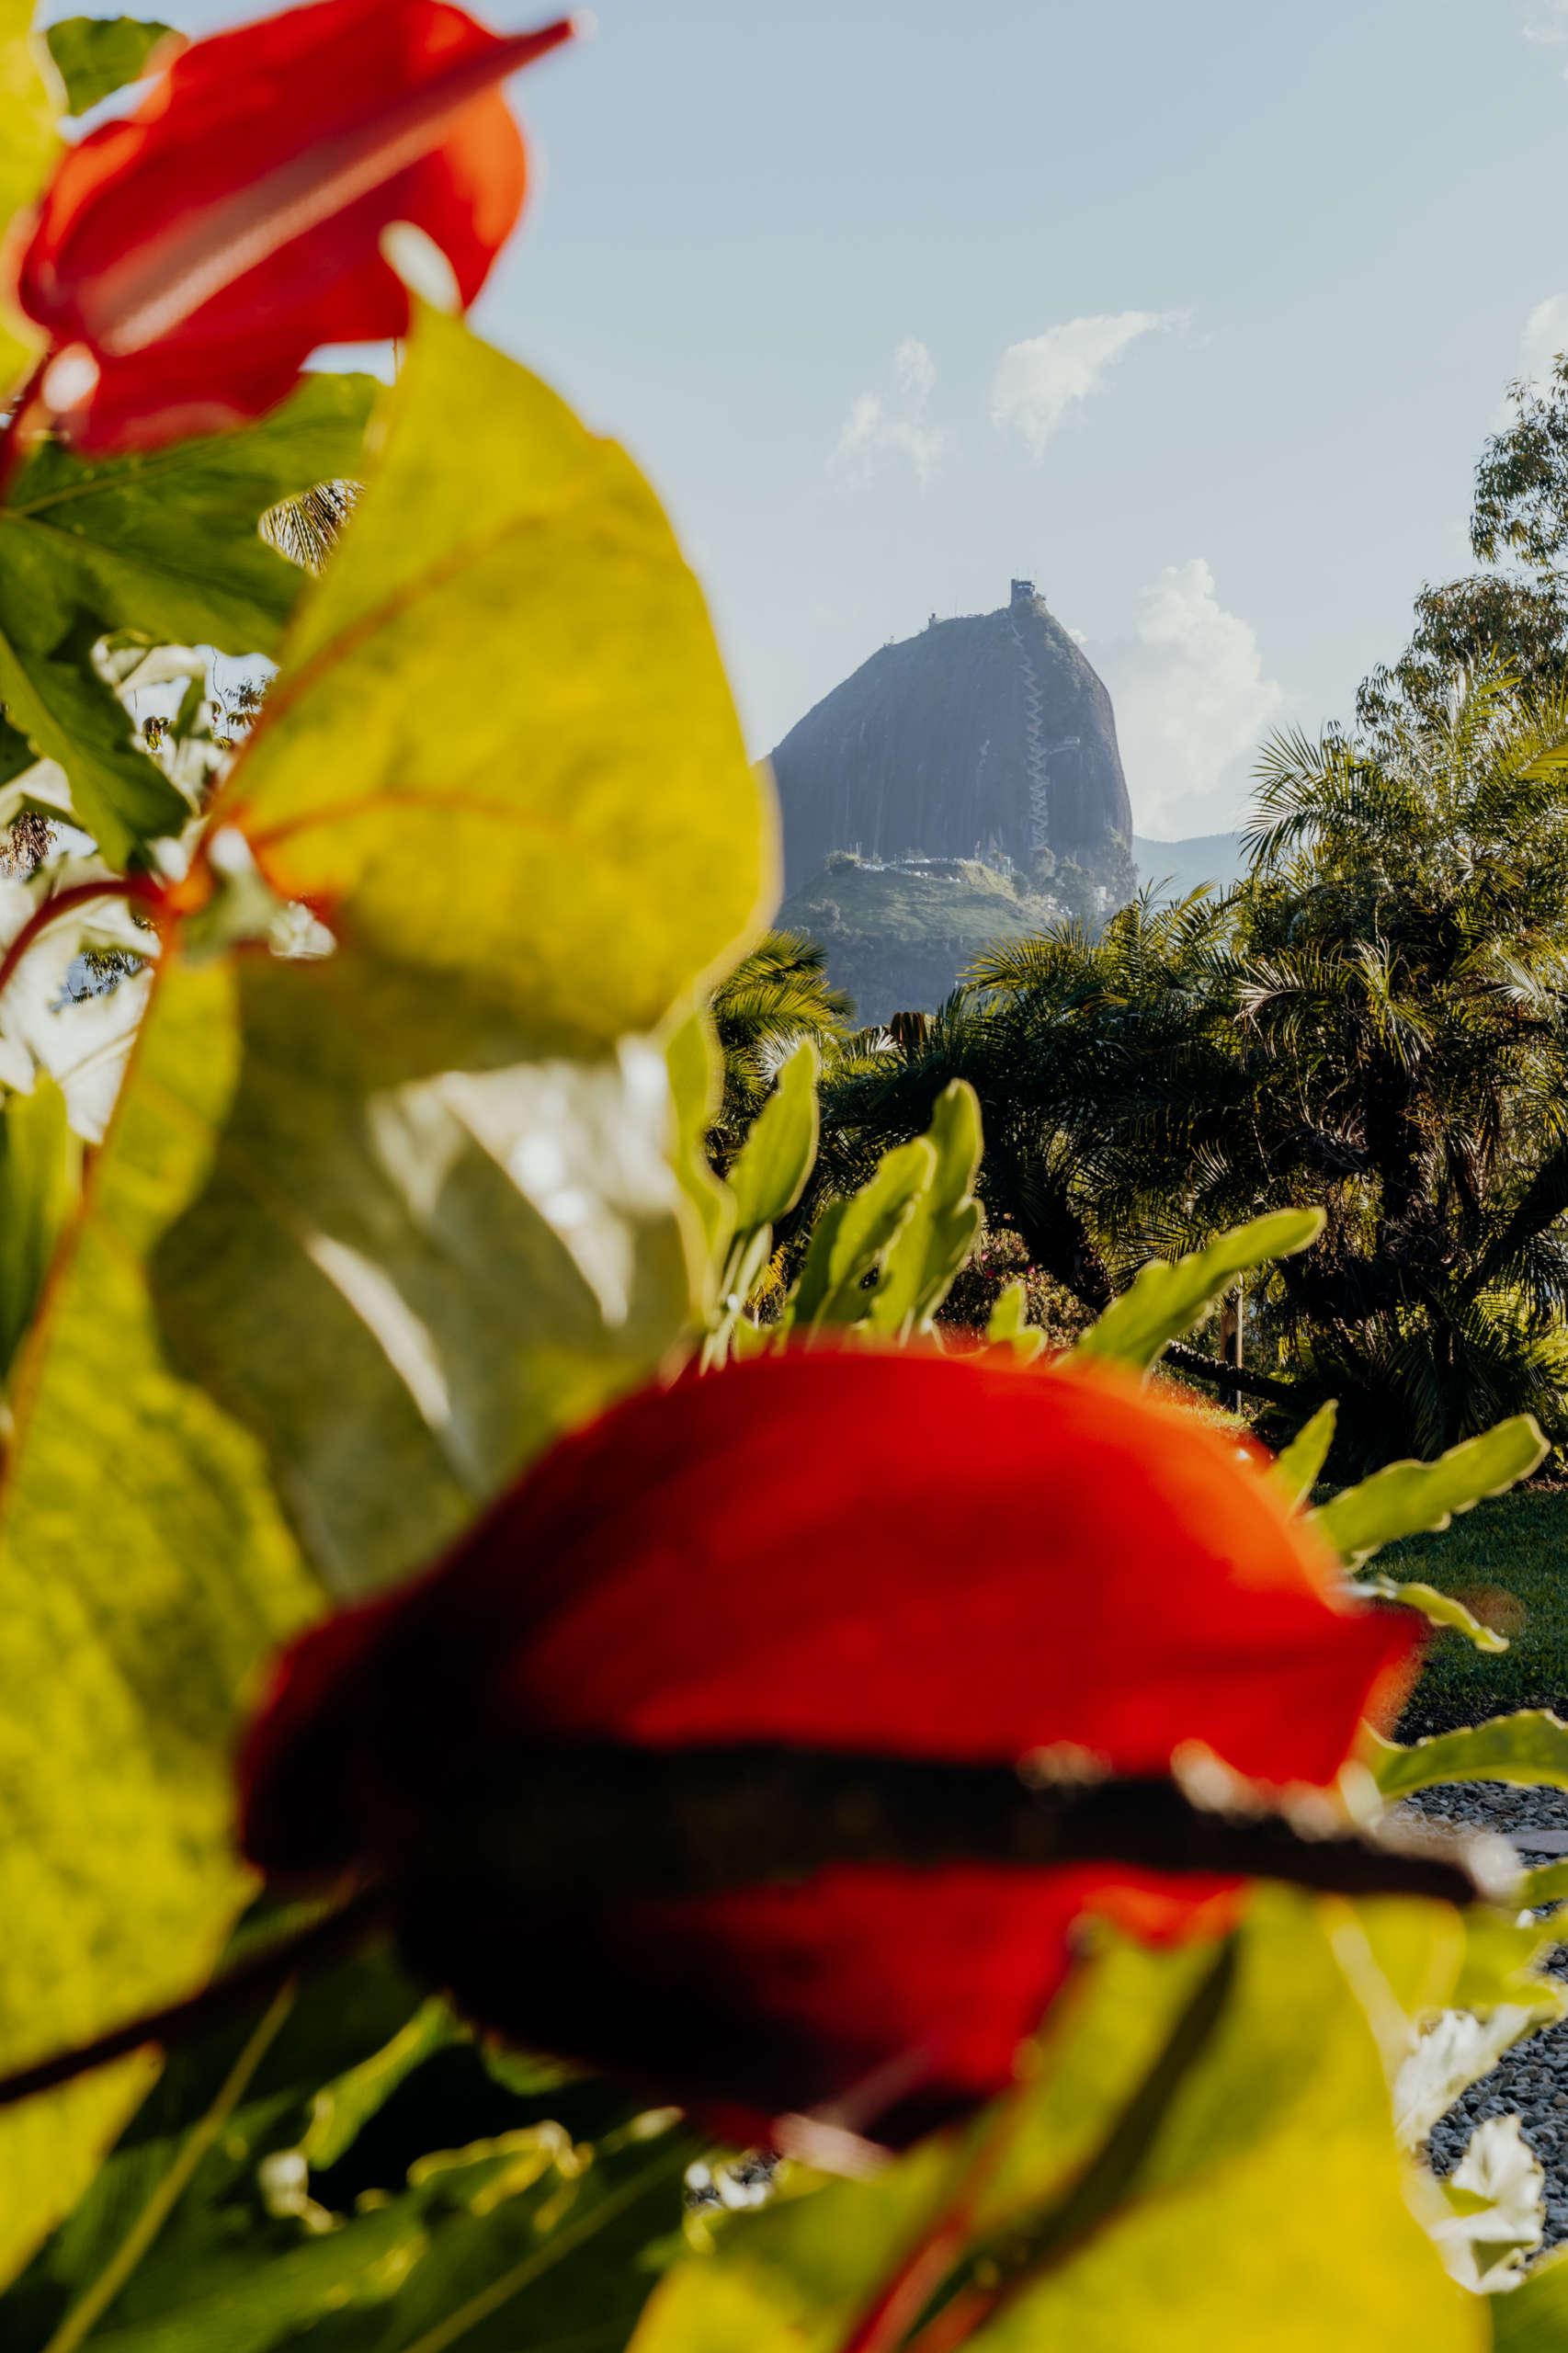 Eine rote Blume mit einem Berg im Hintergrund.